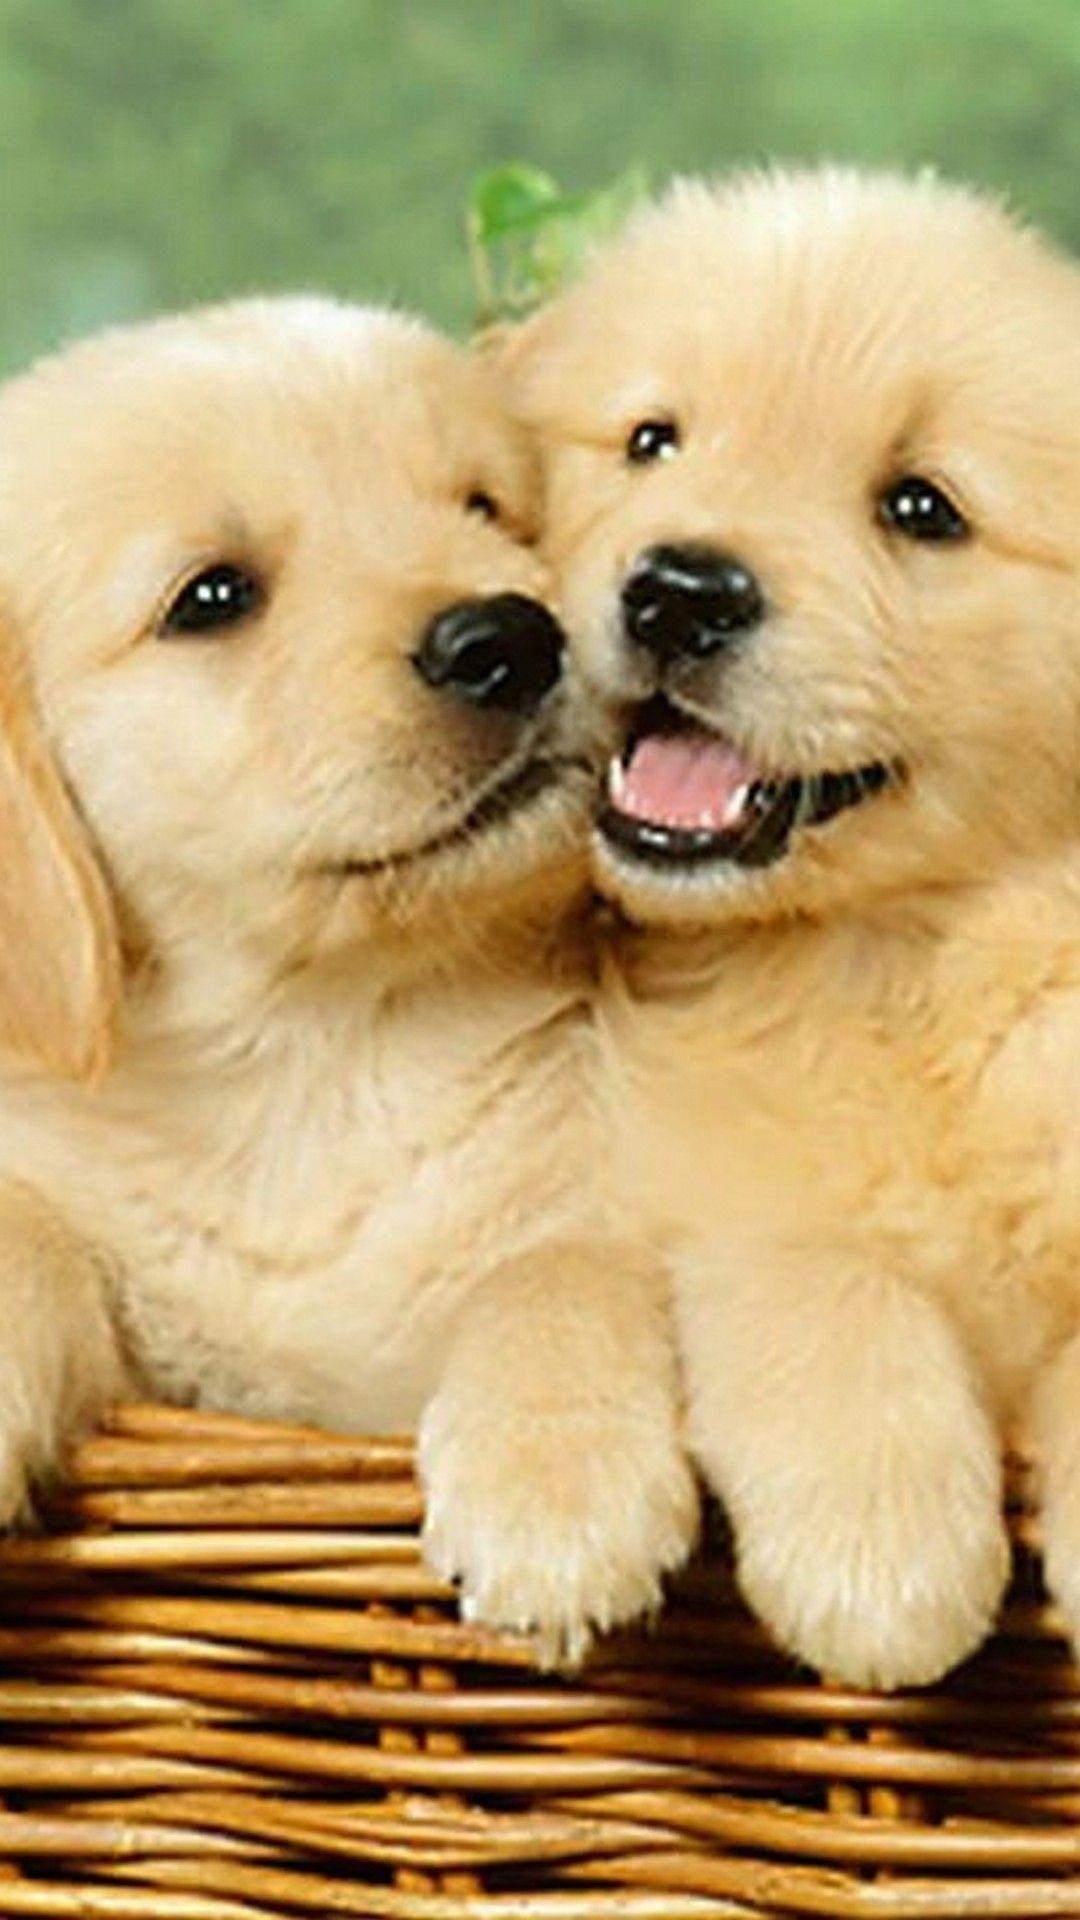 Puppy Wallpaper Dog Wallpaper Iphone Cute Puppy Wallpaper